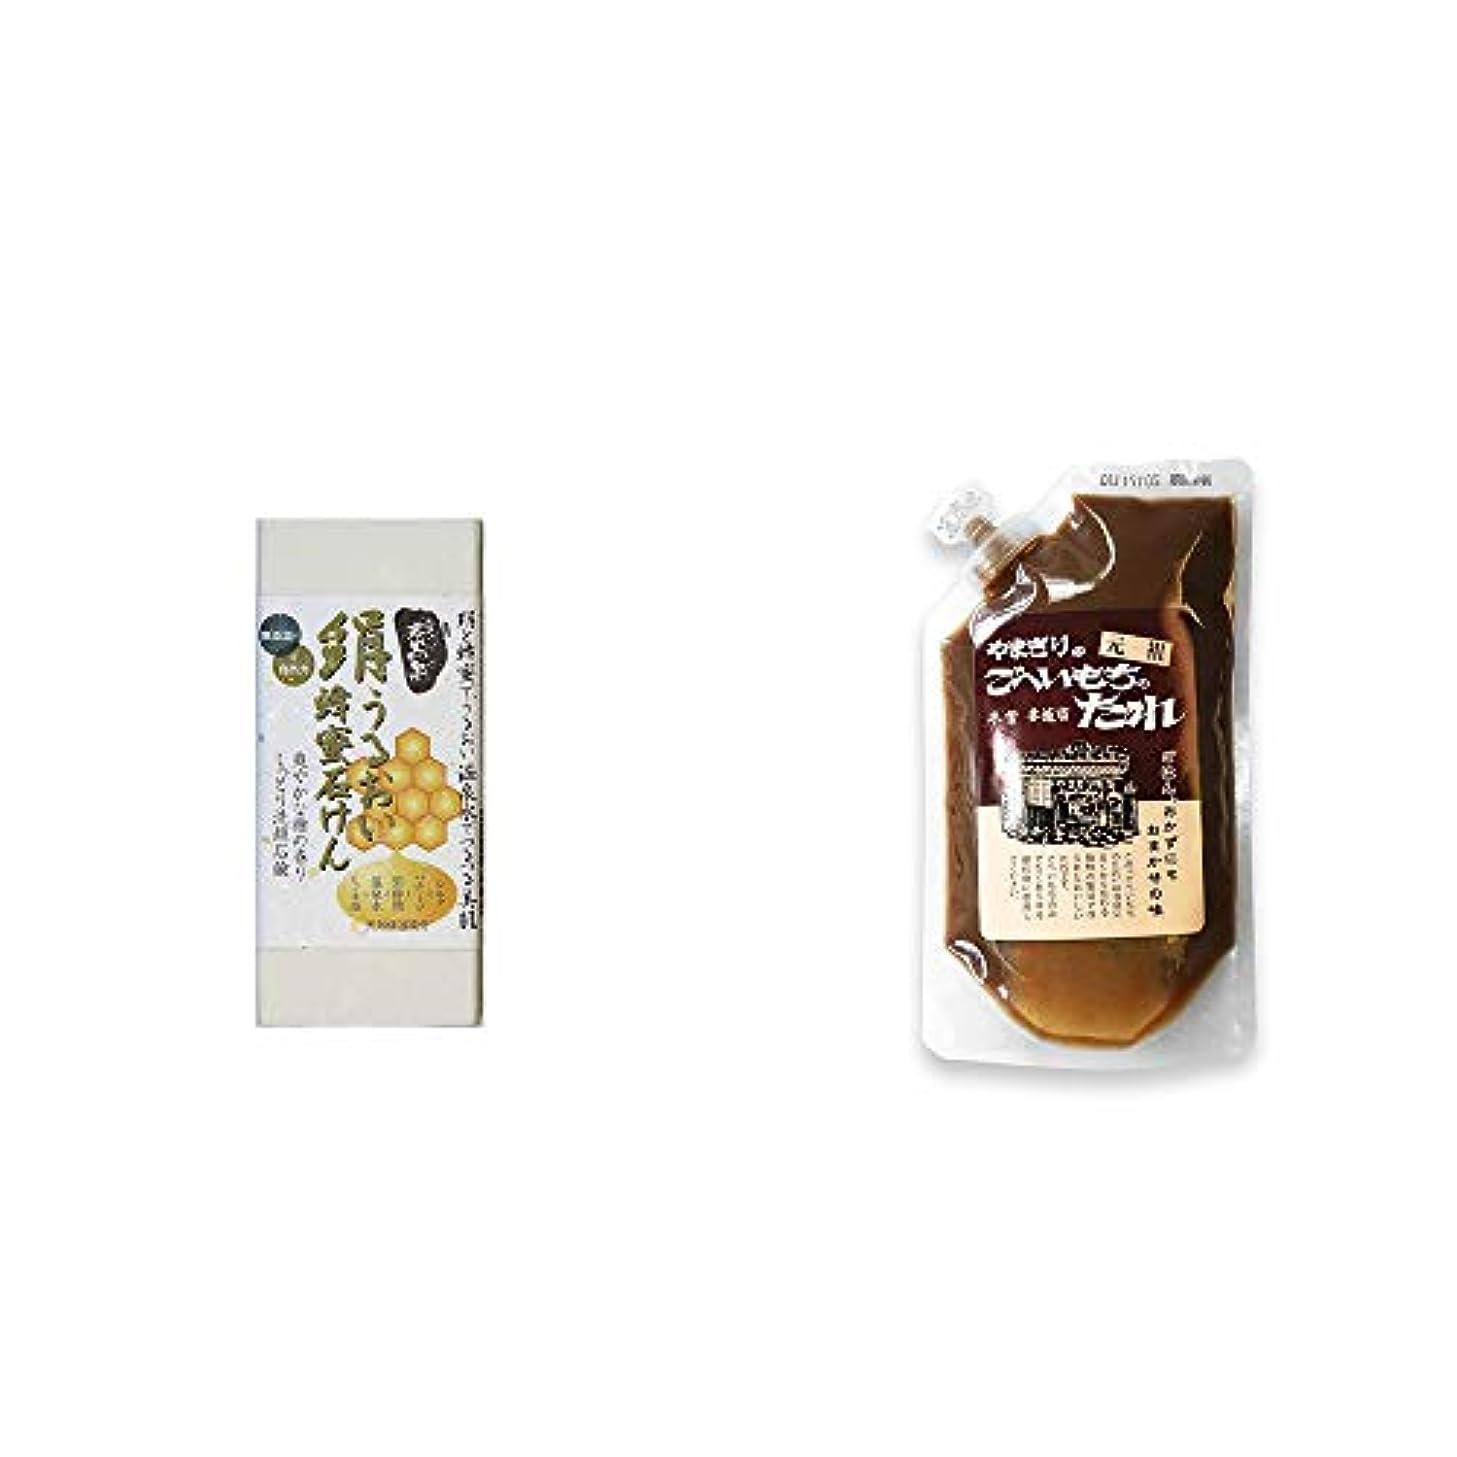 焦がすゲインセイ真実に[2点セット] ひのき炭黒泉 絹うるおい蜂蜜石けん(75g×2)?妻籠宿 やまぎり食堂 ごへい餅のたれ(250g)